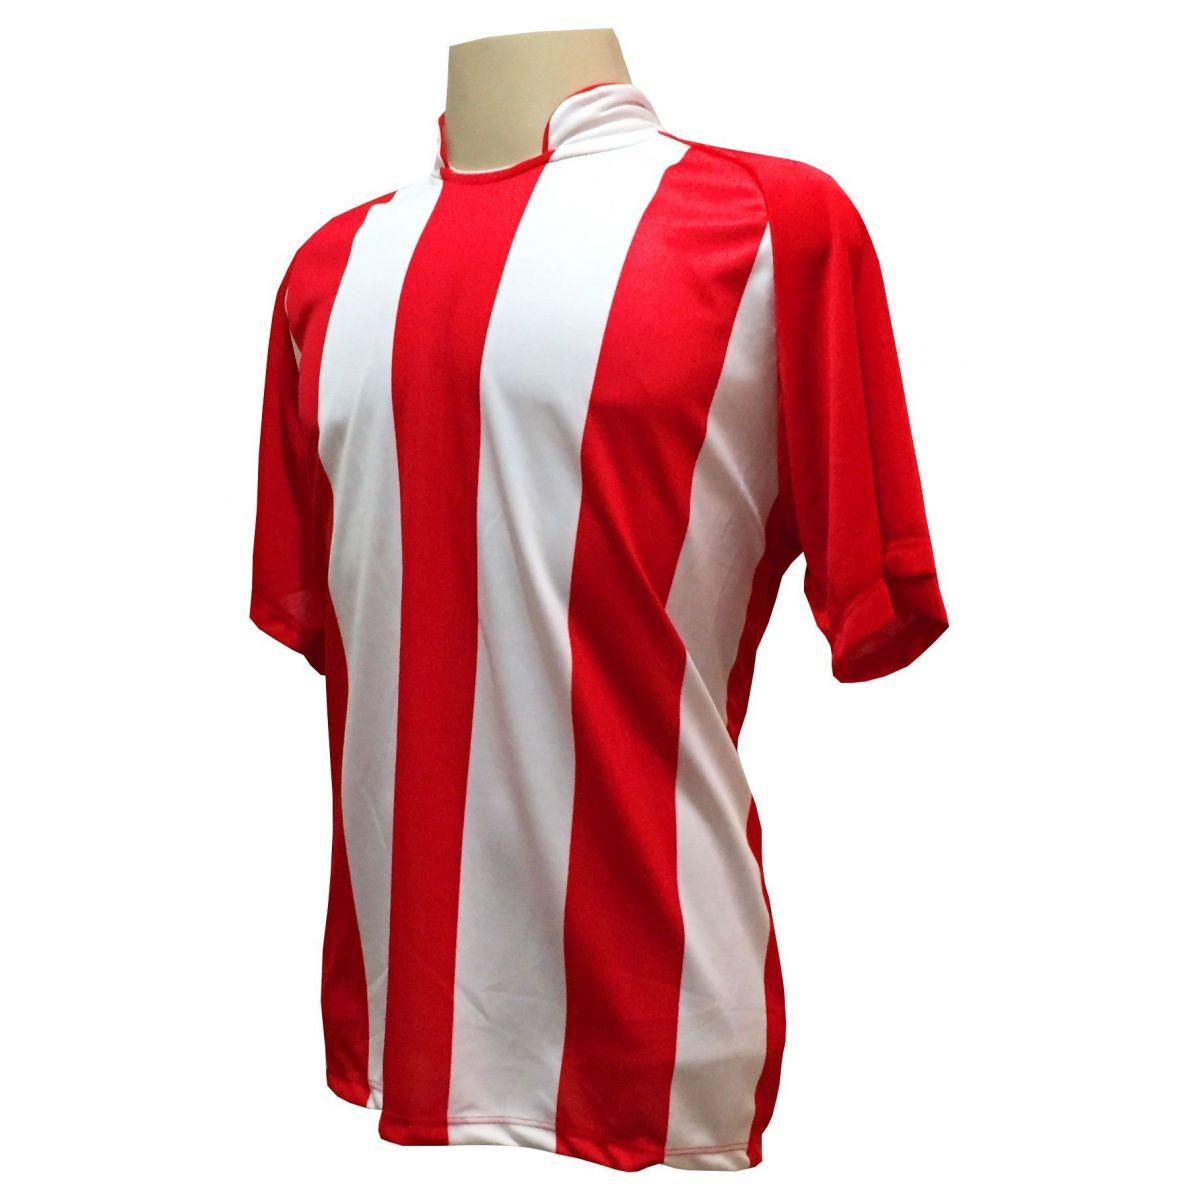 Uniforme Esportivo com 18 camisas modelo Milan Vermelho/Branco + 18 calções modelo Madrid Branco + 18 pares de meiões Vermelho